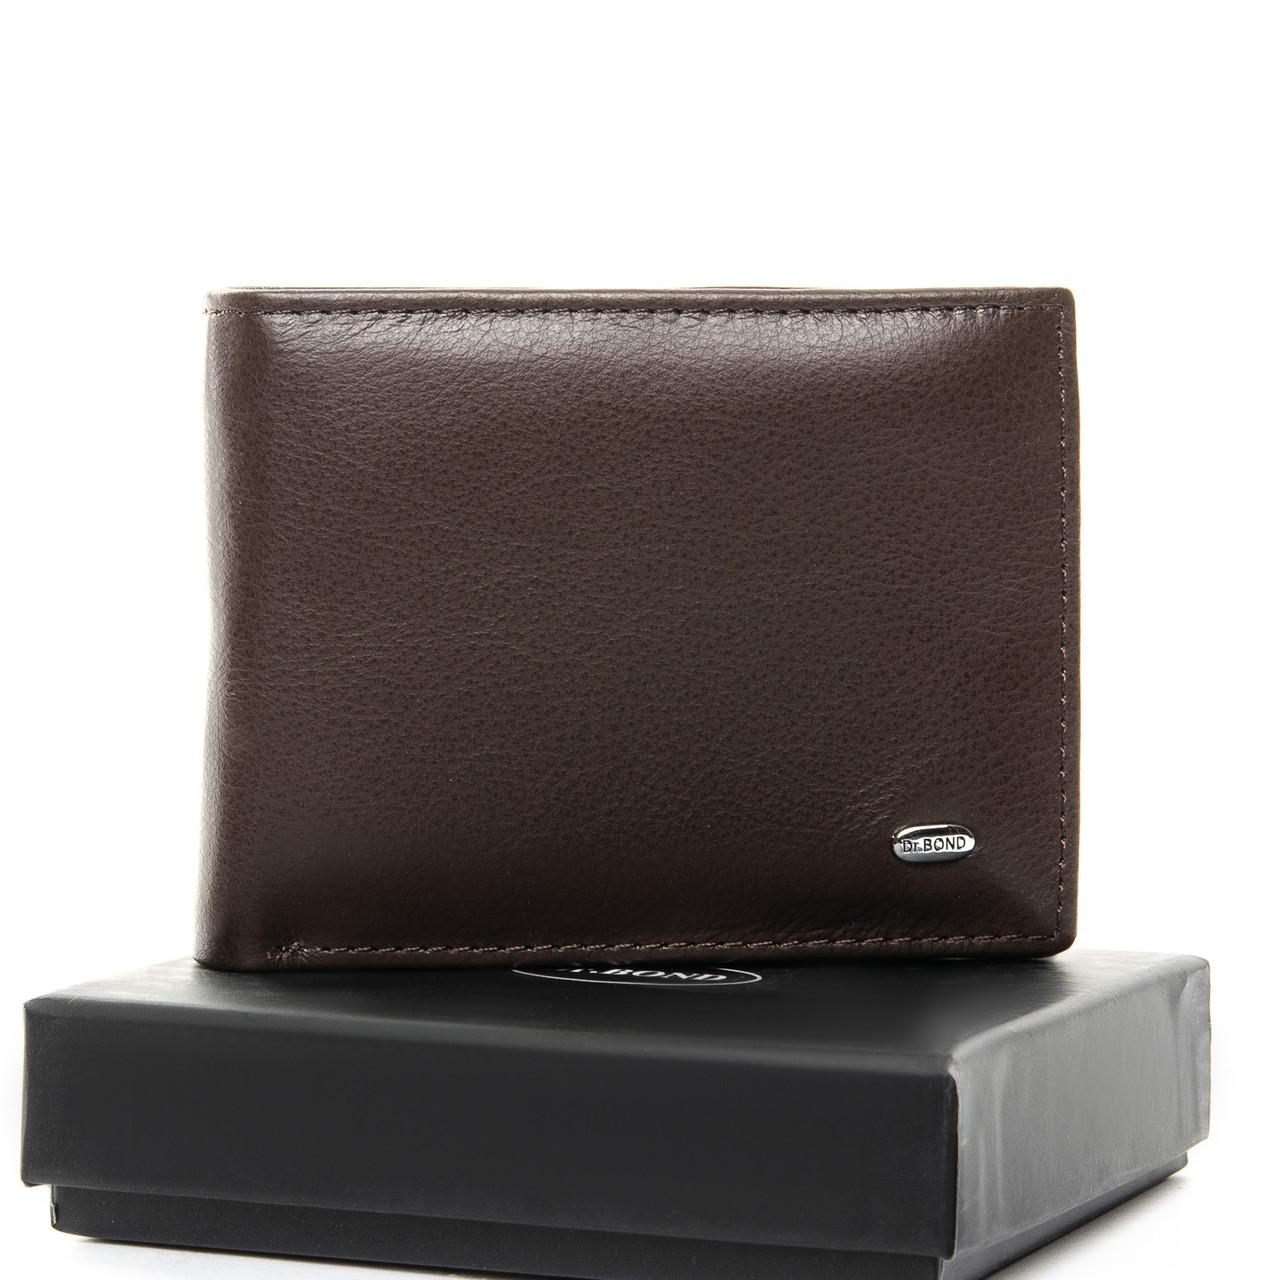 Мужской кошелек Classic кожа DR. BOND MSM-1 коричневый